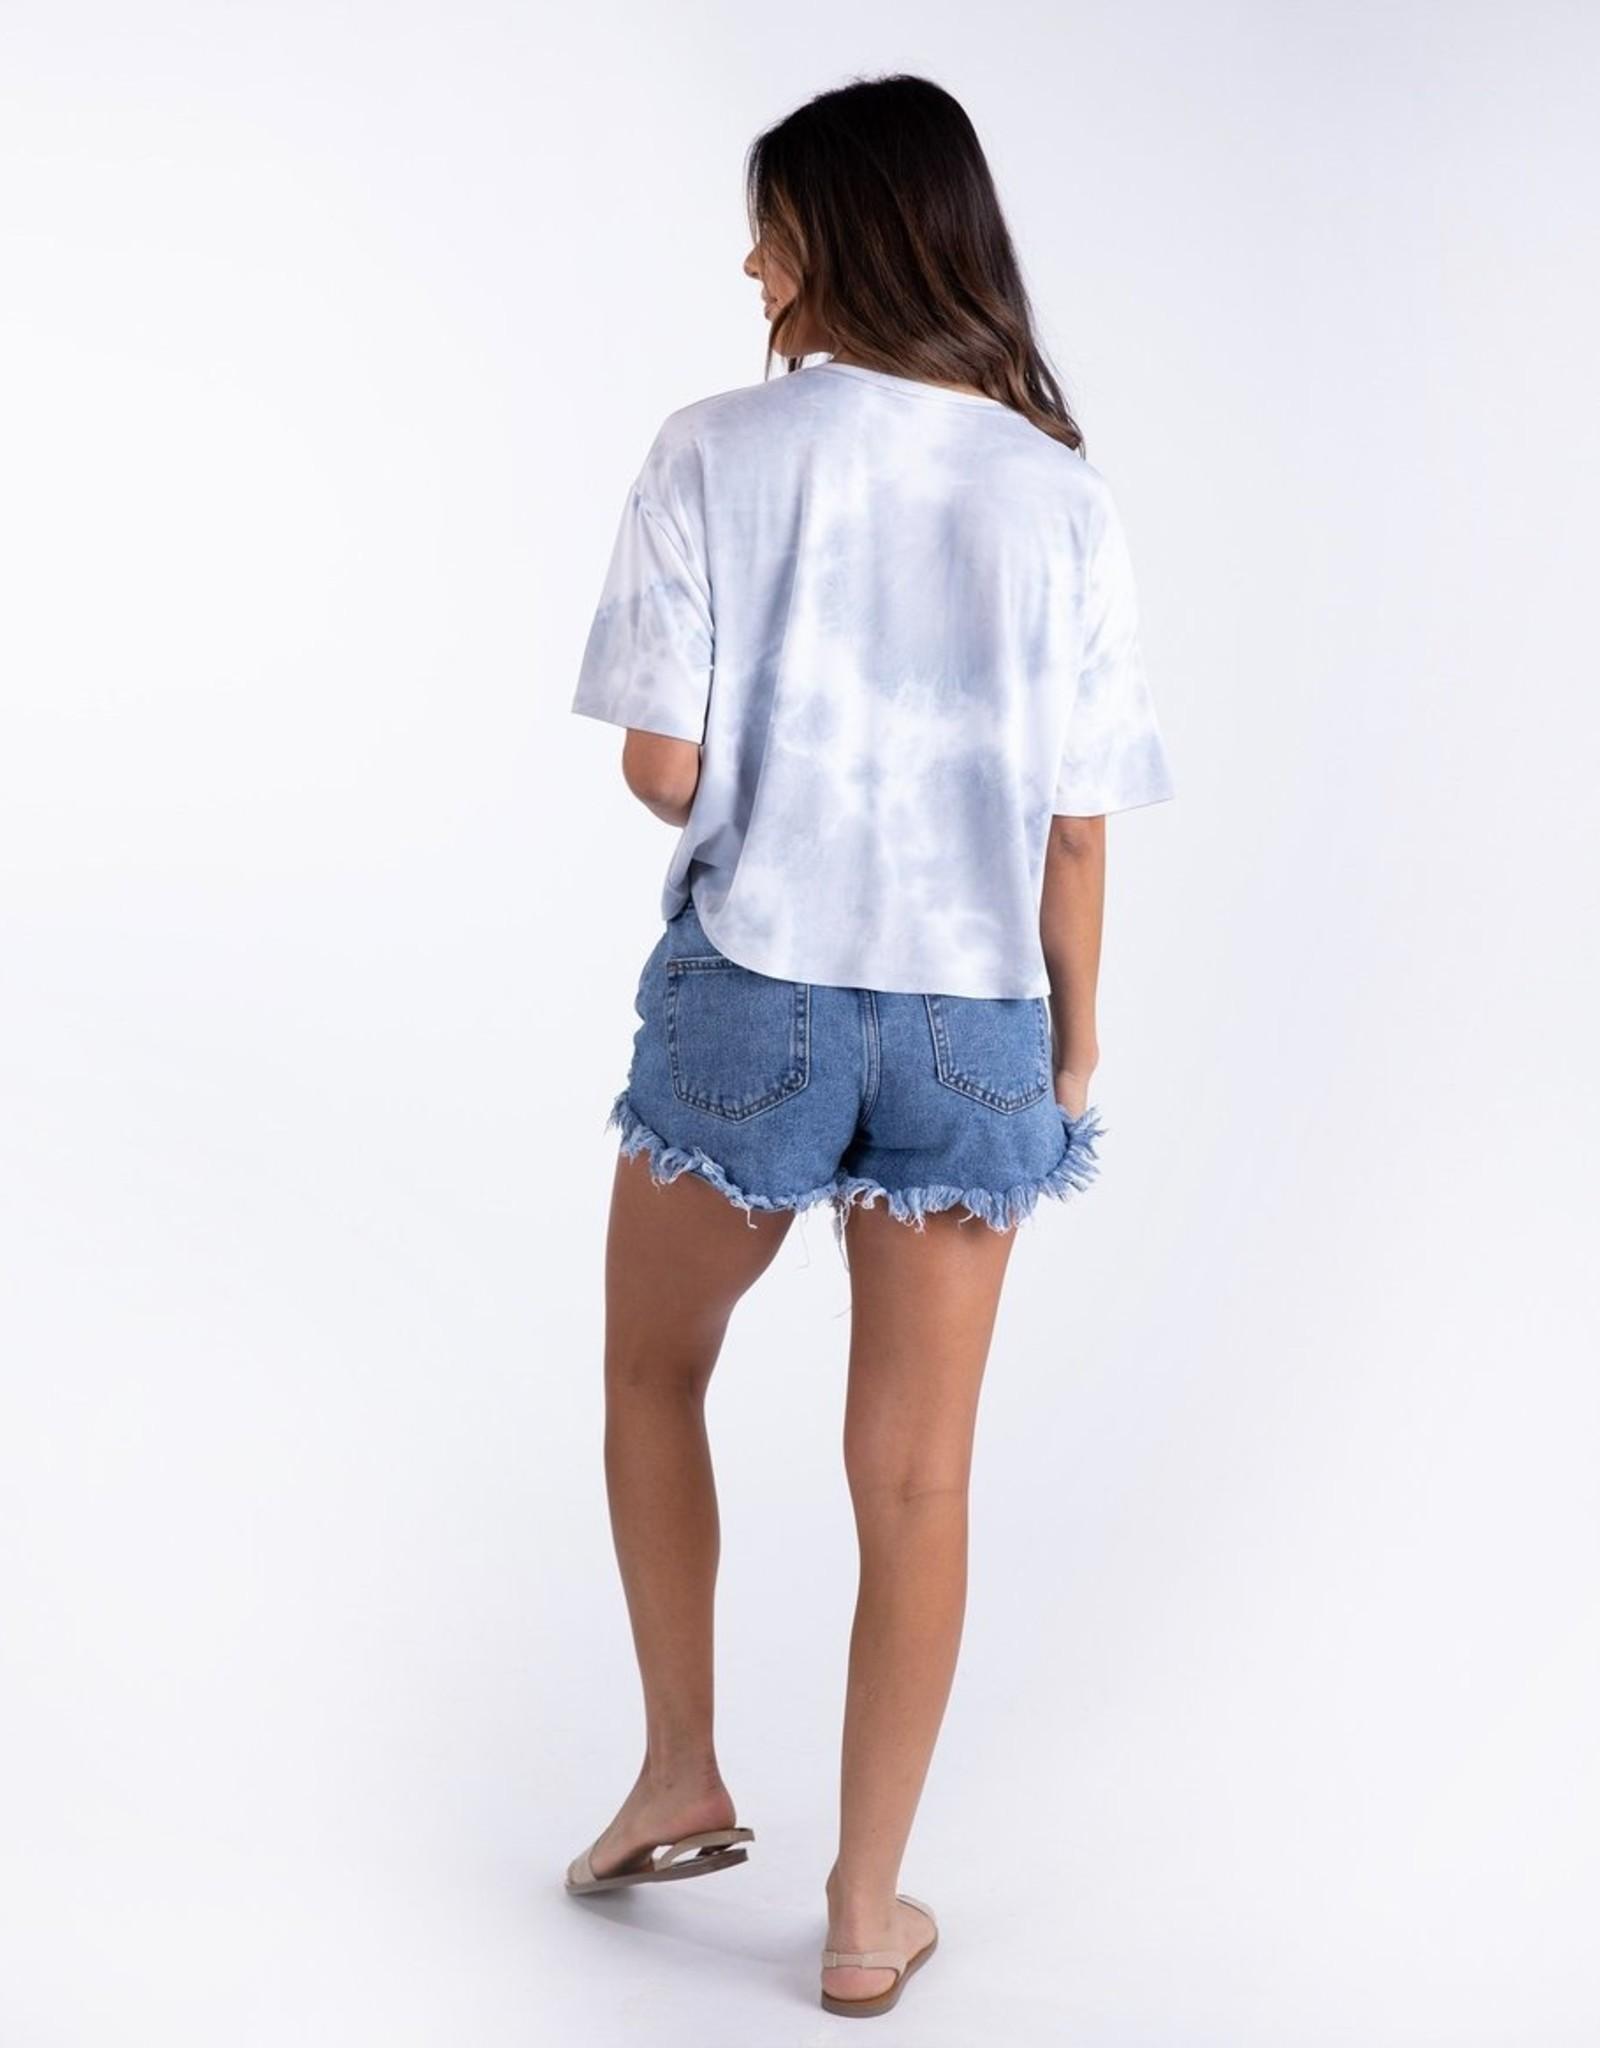 Southern Shirt Beach Bum Top